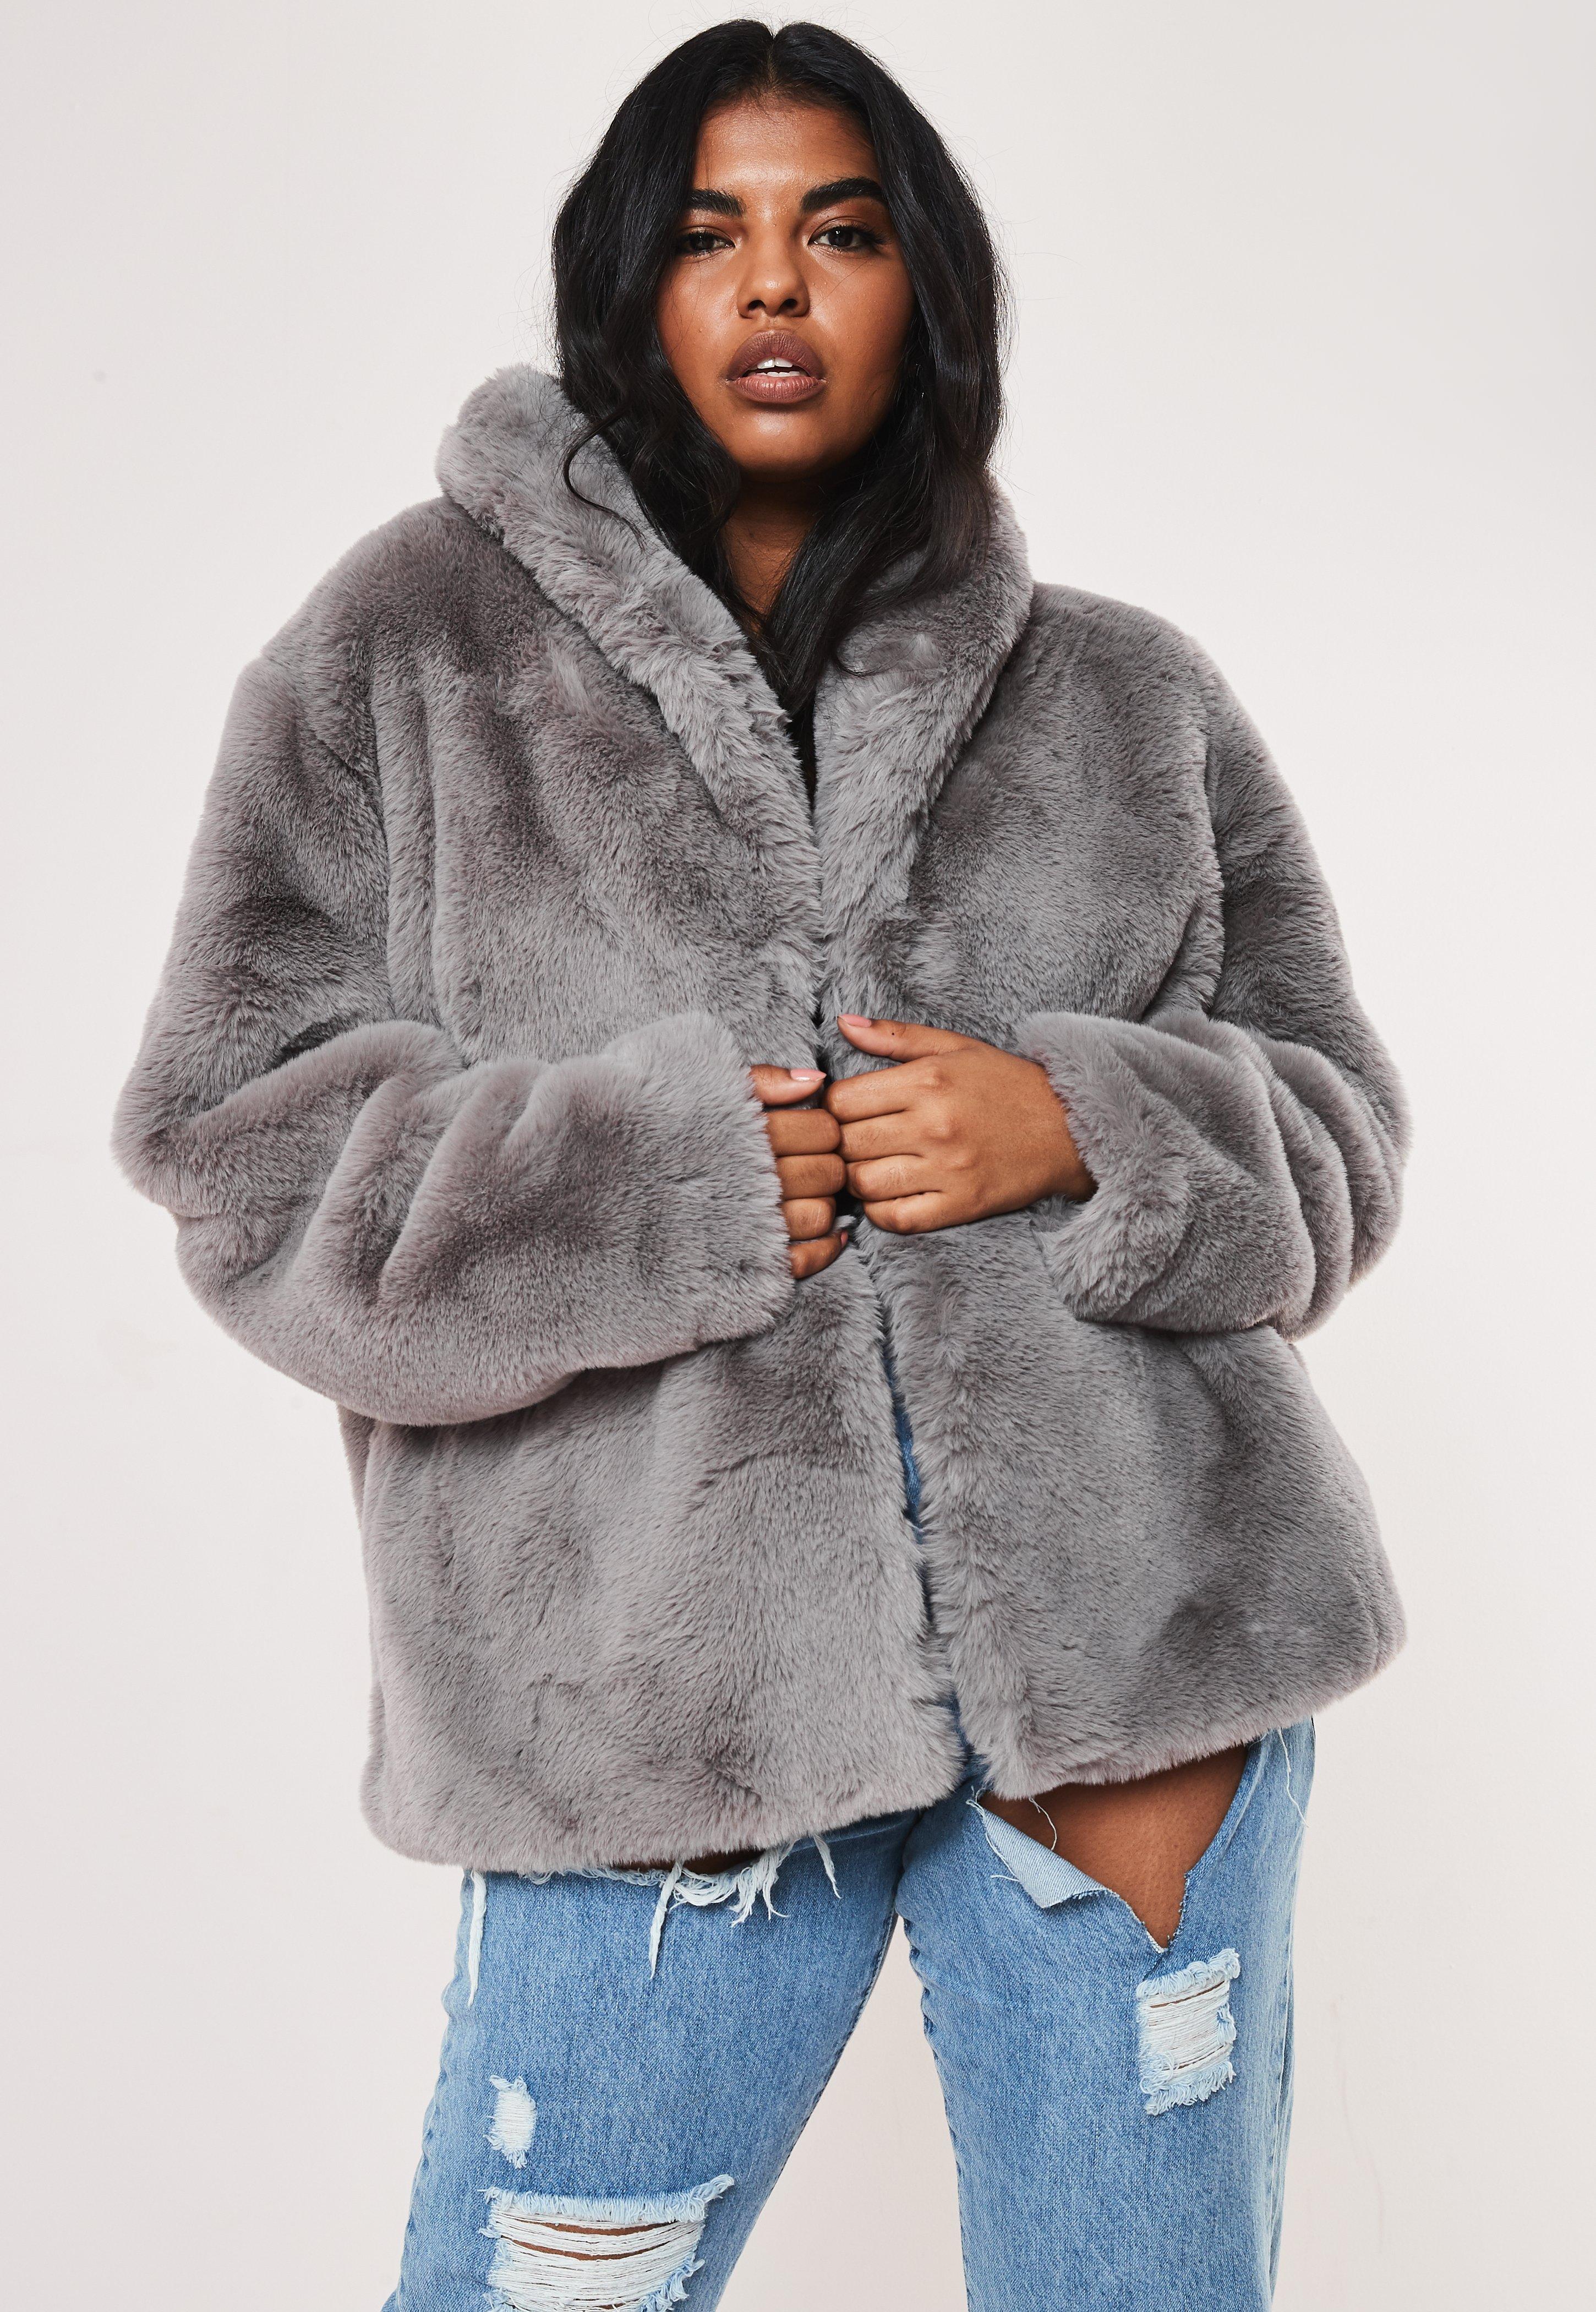 bas prix 39d3b b0bf2 Manteau gris en fourrure synthétique à col chà¢le Grande Taille